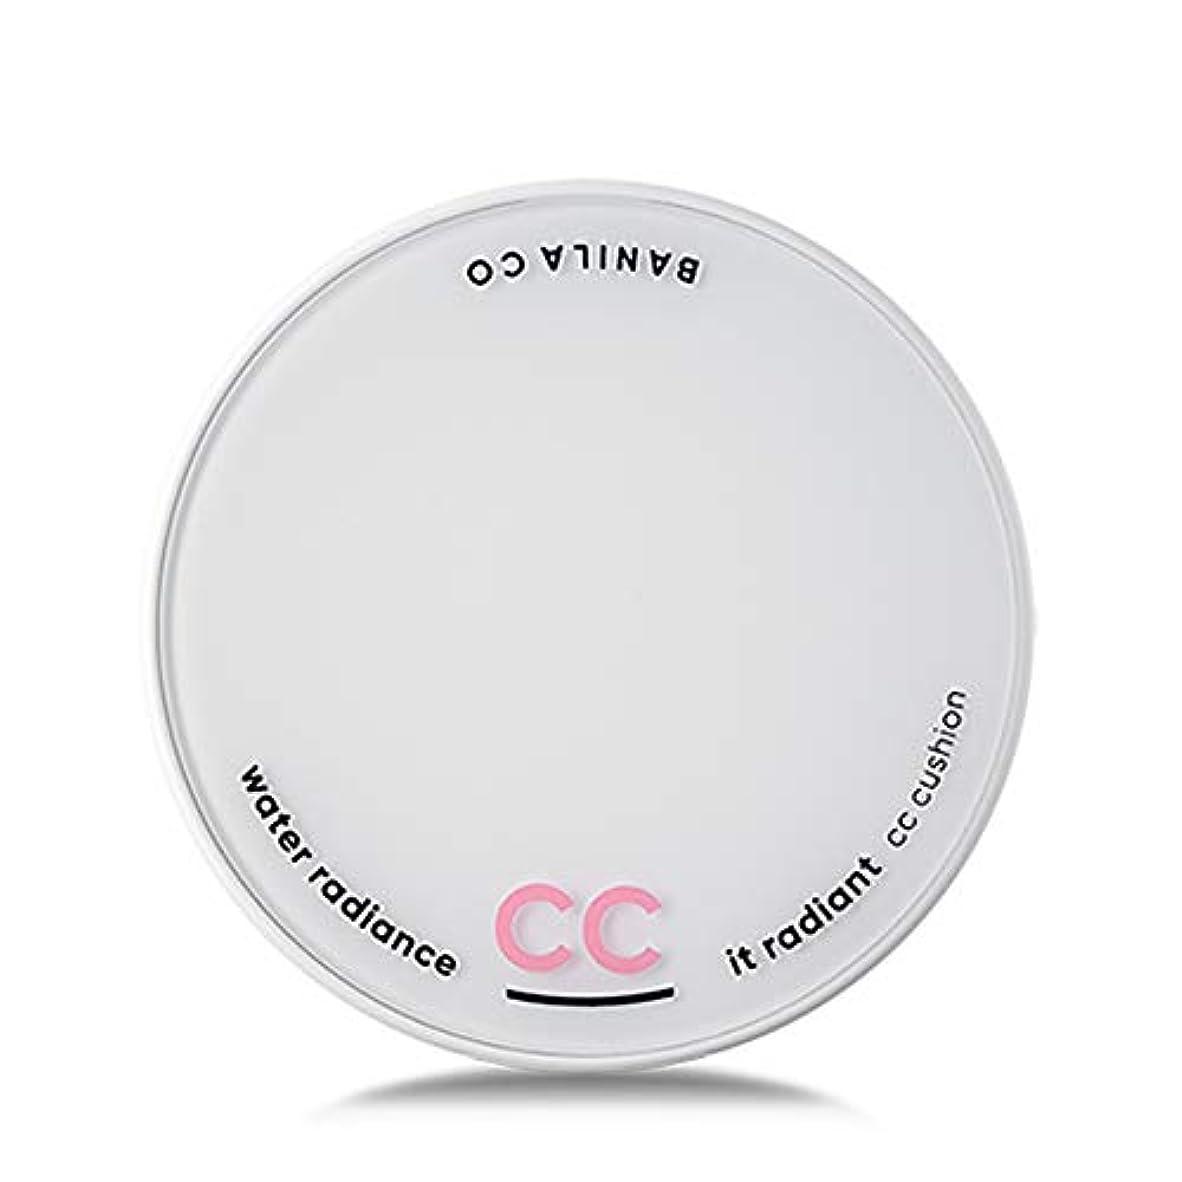 虫虫[Banila Co] It Radiant CC Cushion 15g + Refill 15g / #Light Beige